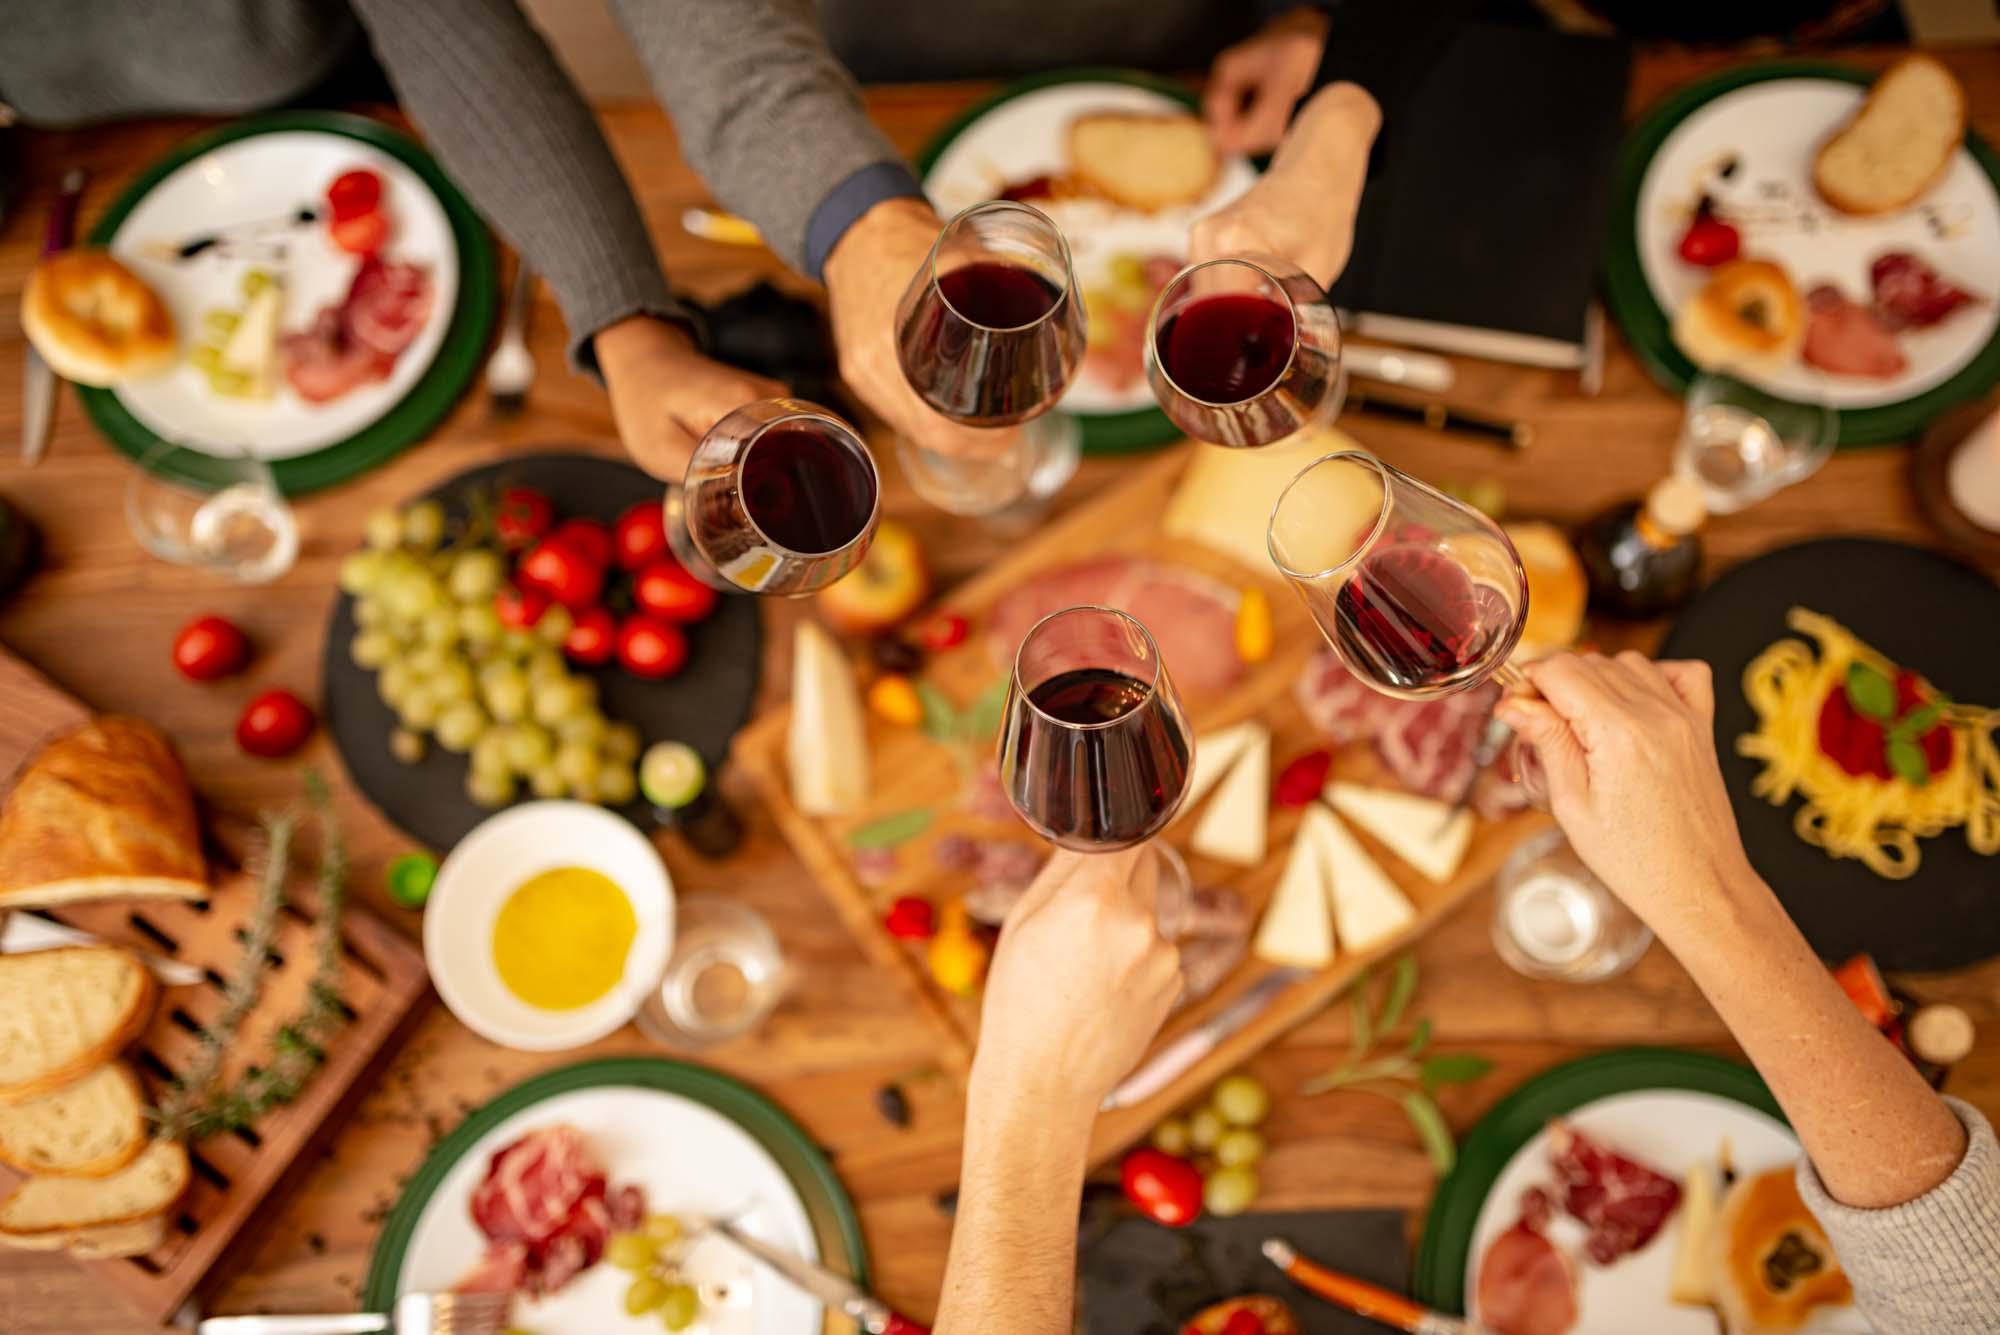 Cucina Amatoriale Formazione Manageriale a Trento